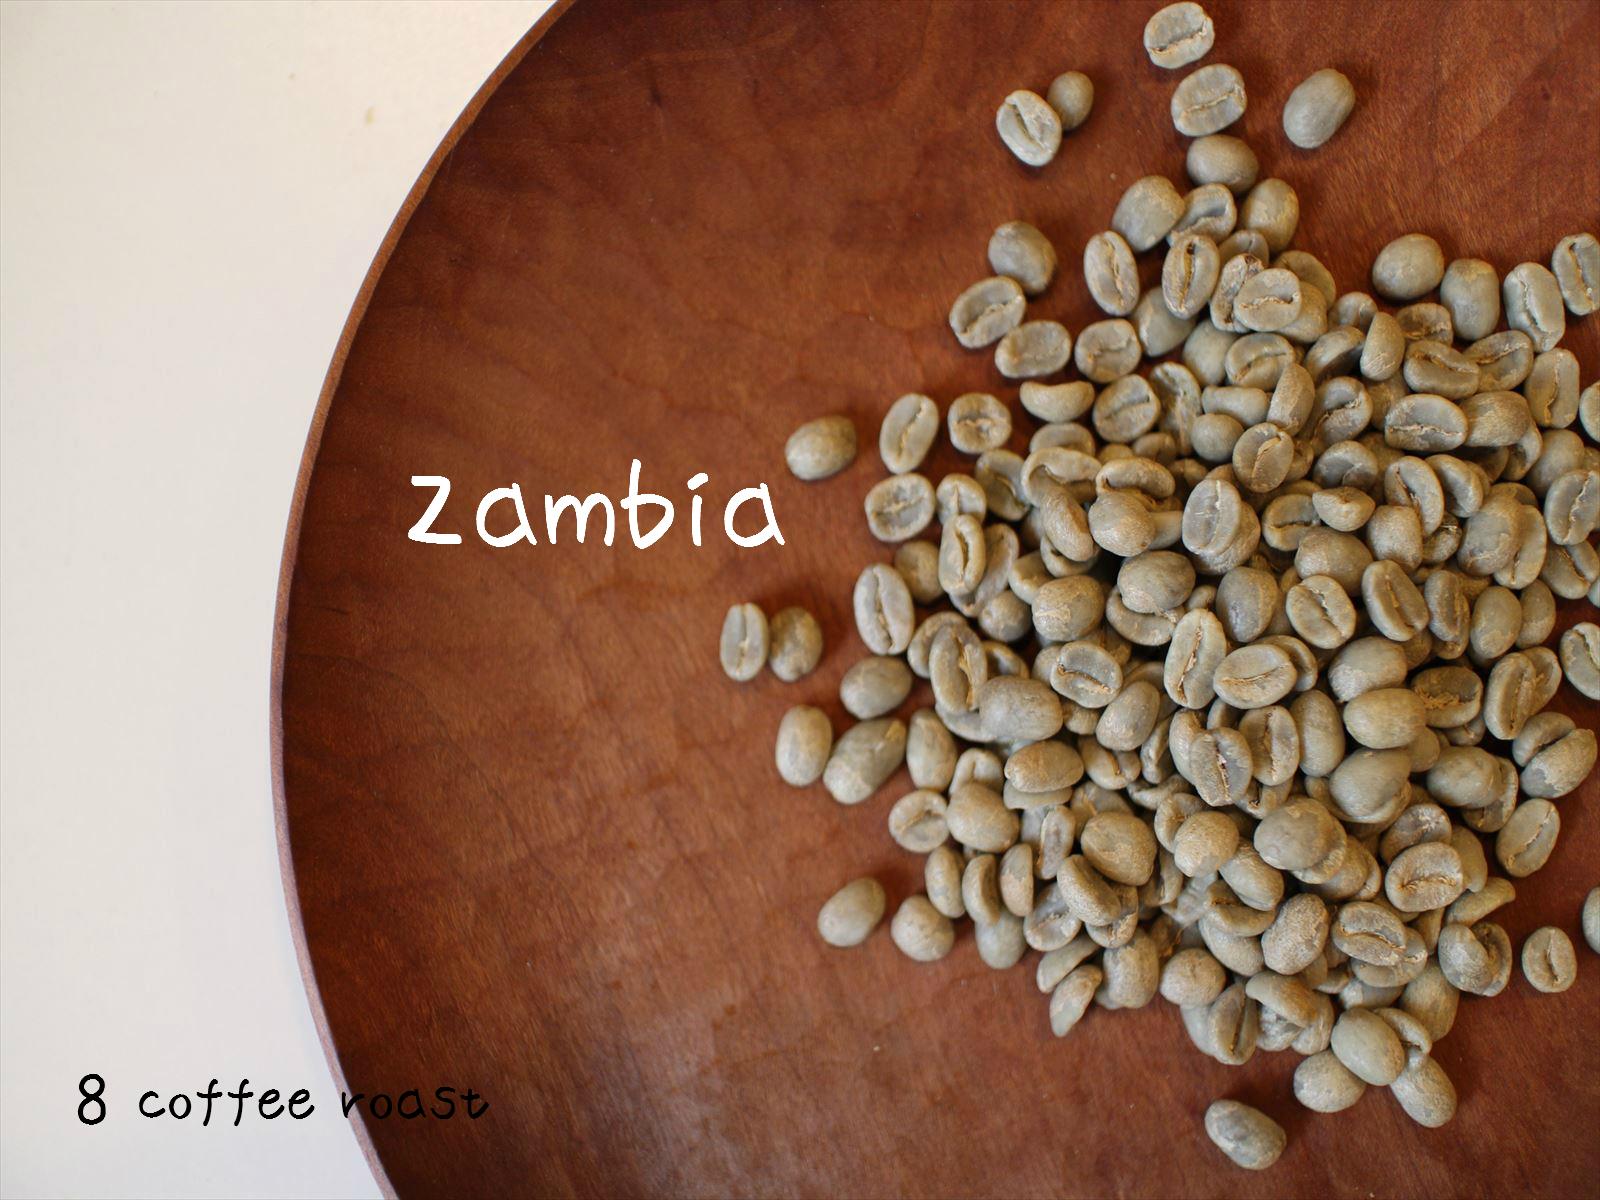 ザンビア 復活♪ 再入荷! 【コーヒー生豆】ザンビア テラノバ農園 <内容量>50g